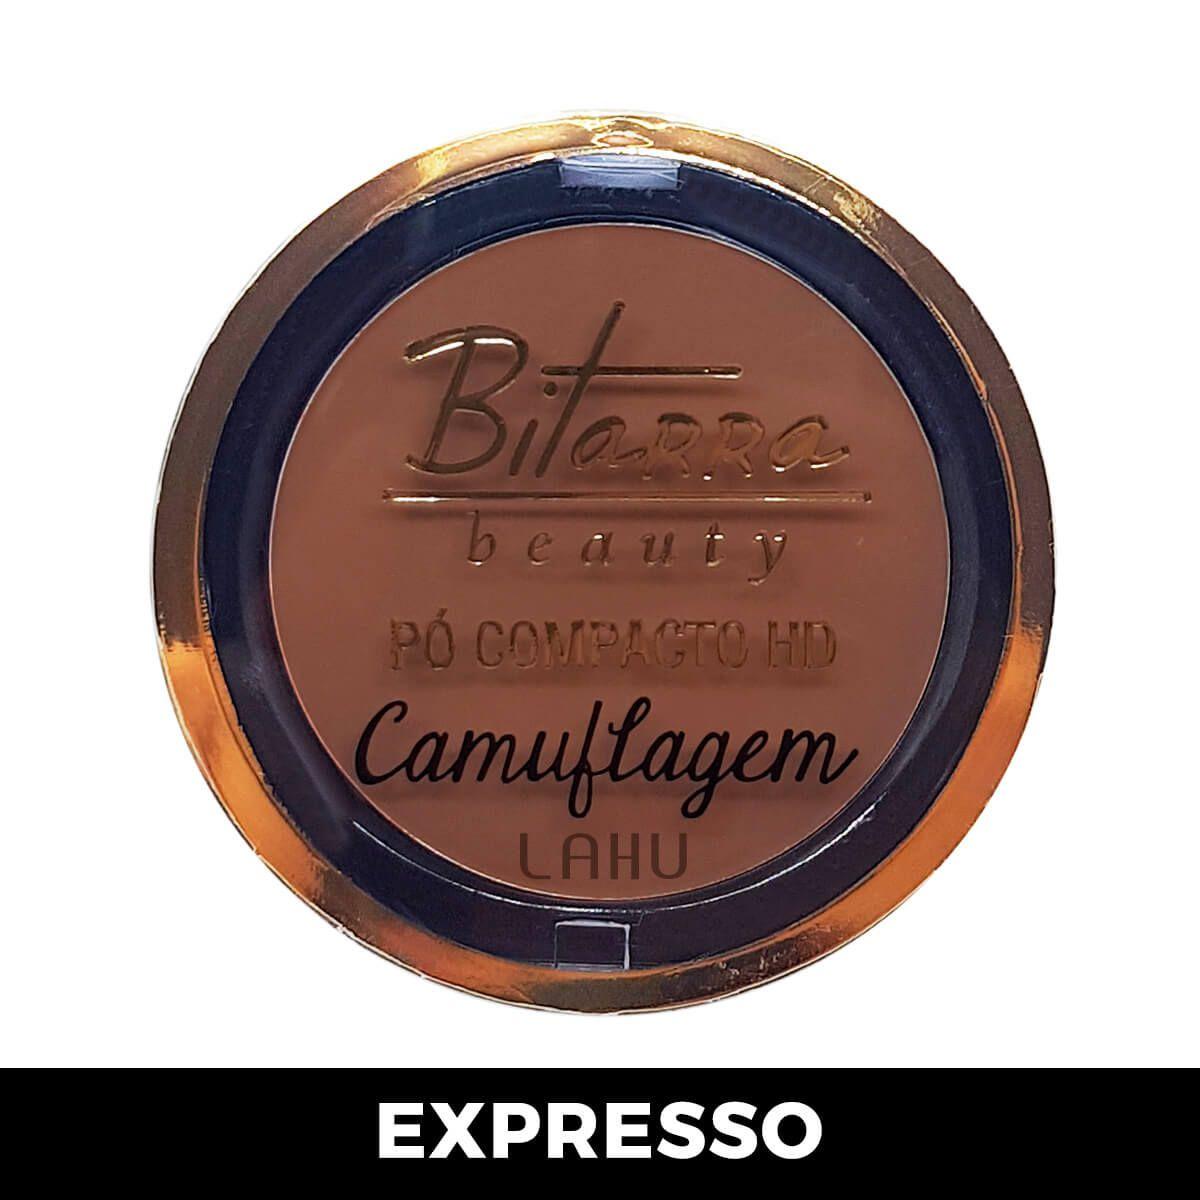 Pó Compacto HD Camuflagem Bitarra - Expresso